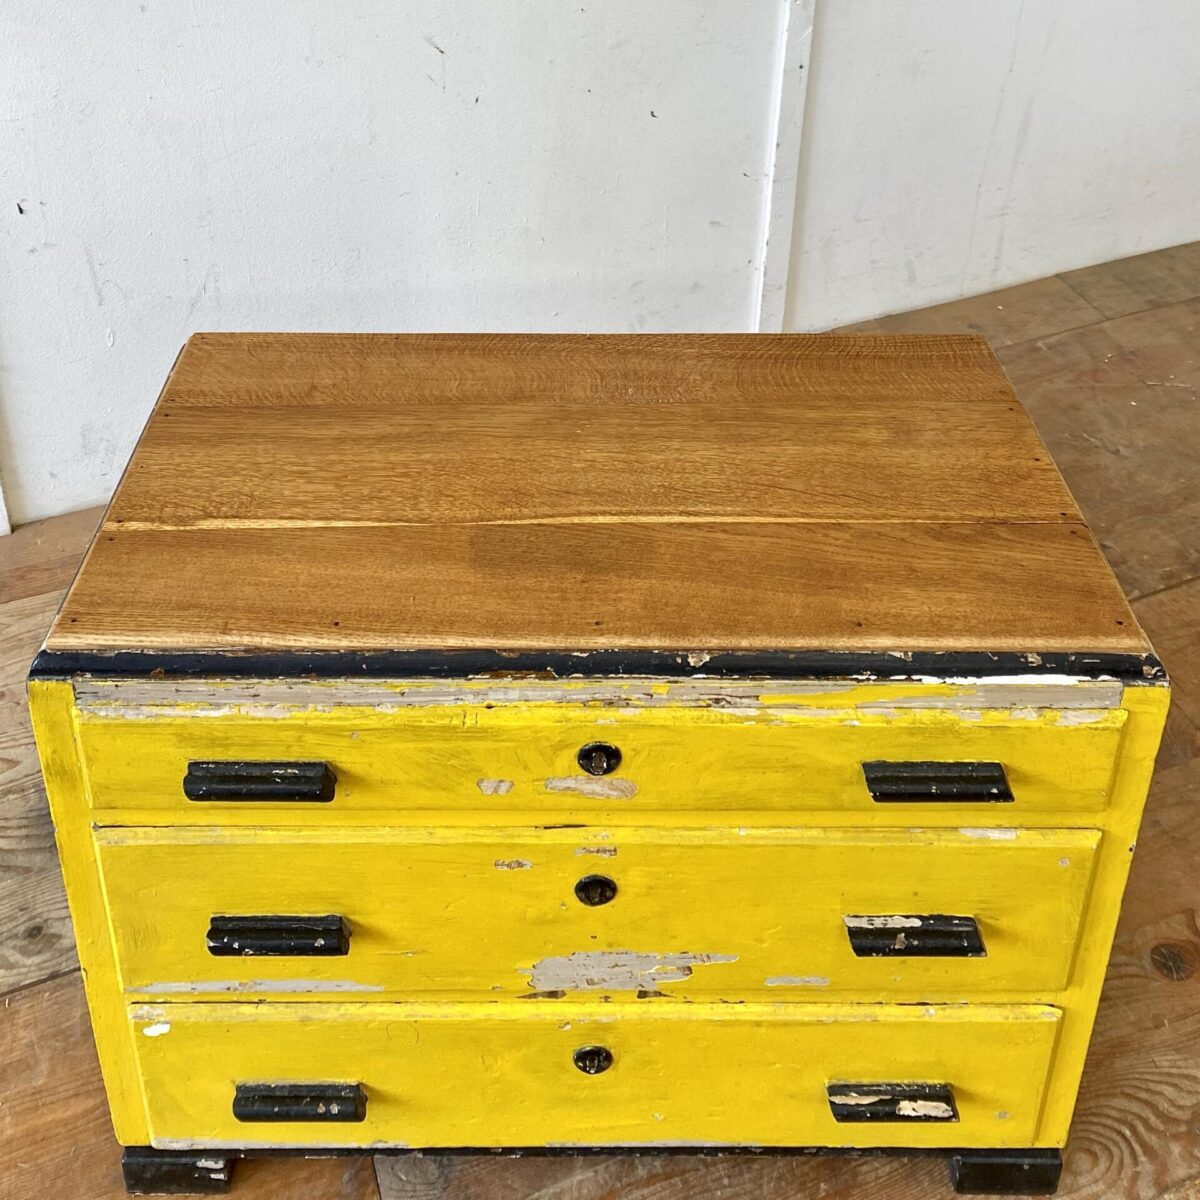 Deuxieme.shop Art déco schubladenmöbel. Kleine schwarz-gelbe Kommode mit Eichenholz Deckblatt. 78x37cm Höhe 60.5cm. Die drei Schubladen laufen gut, die Schlüssel sind nicht mehr vorhanden.